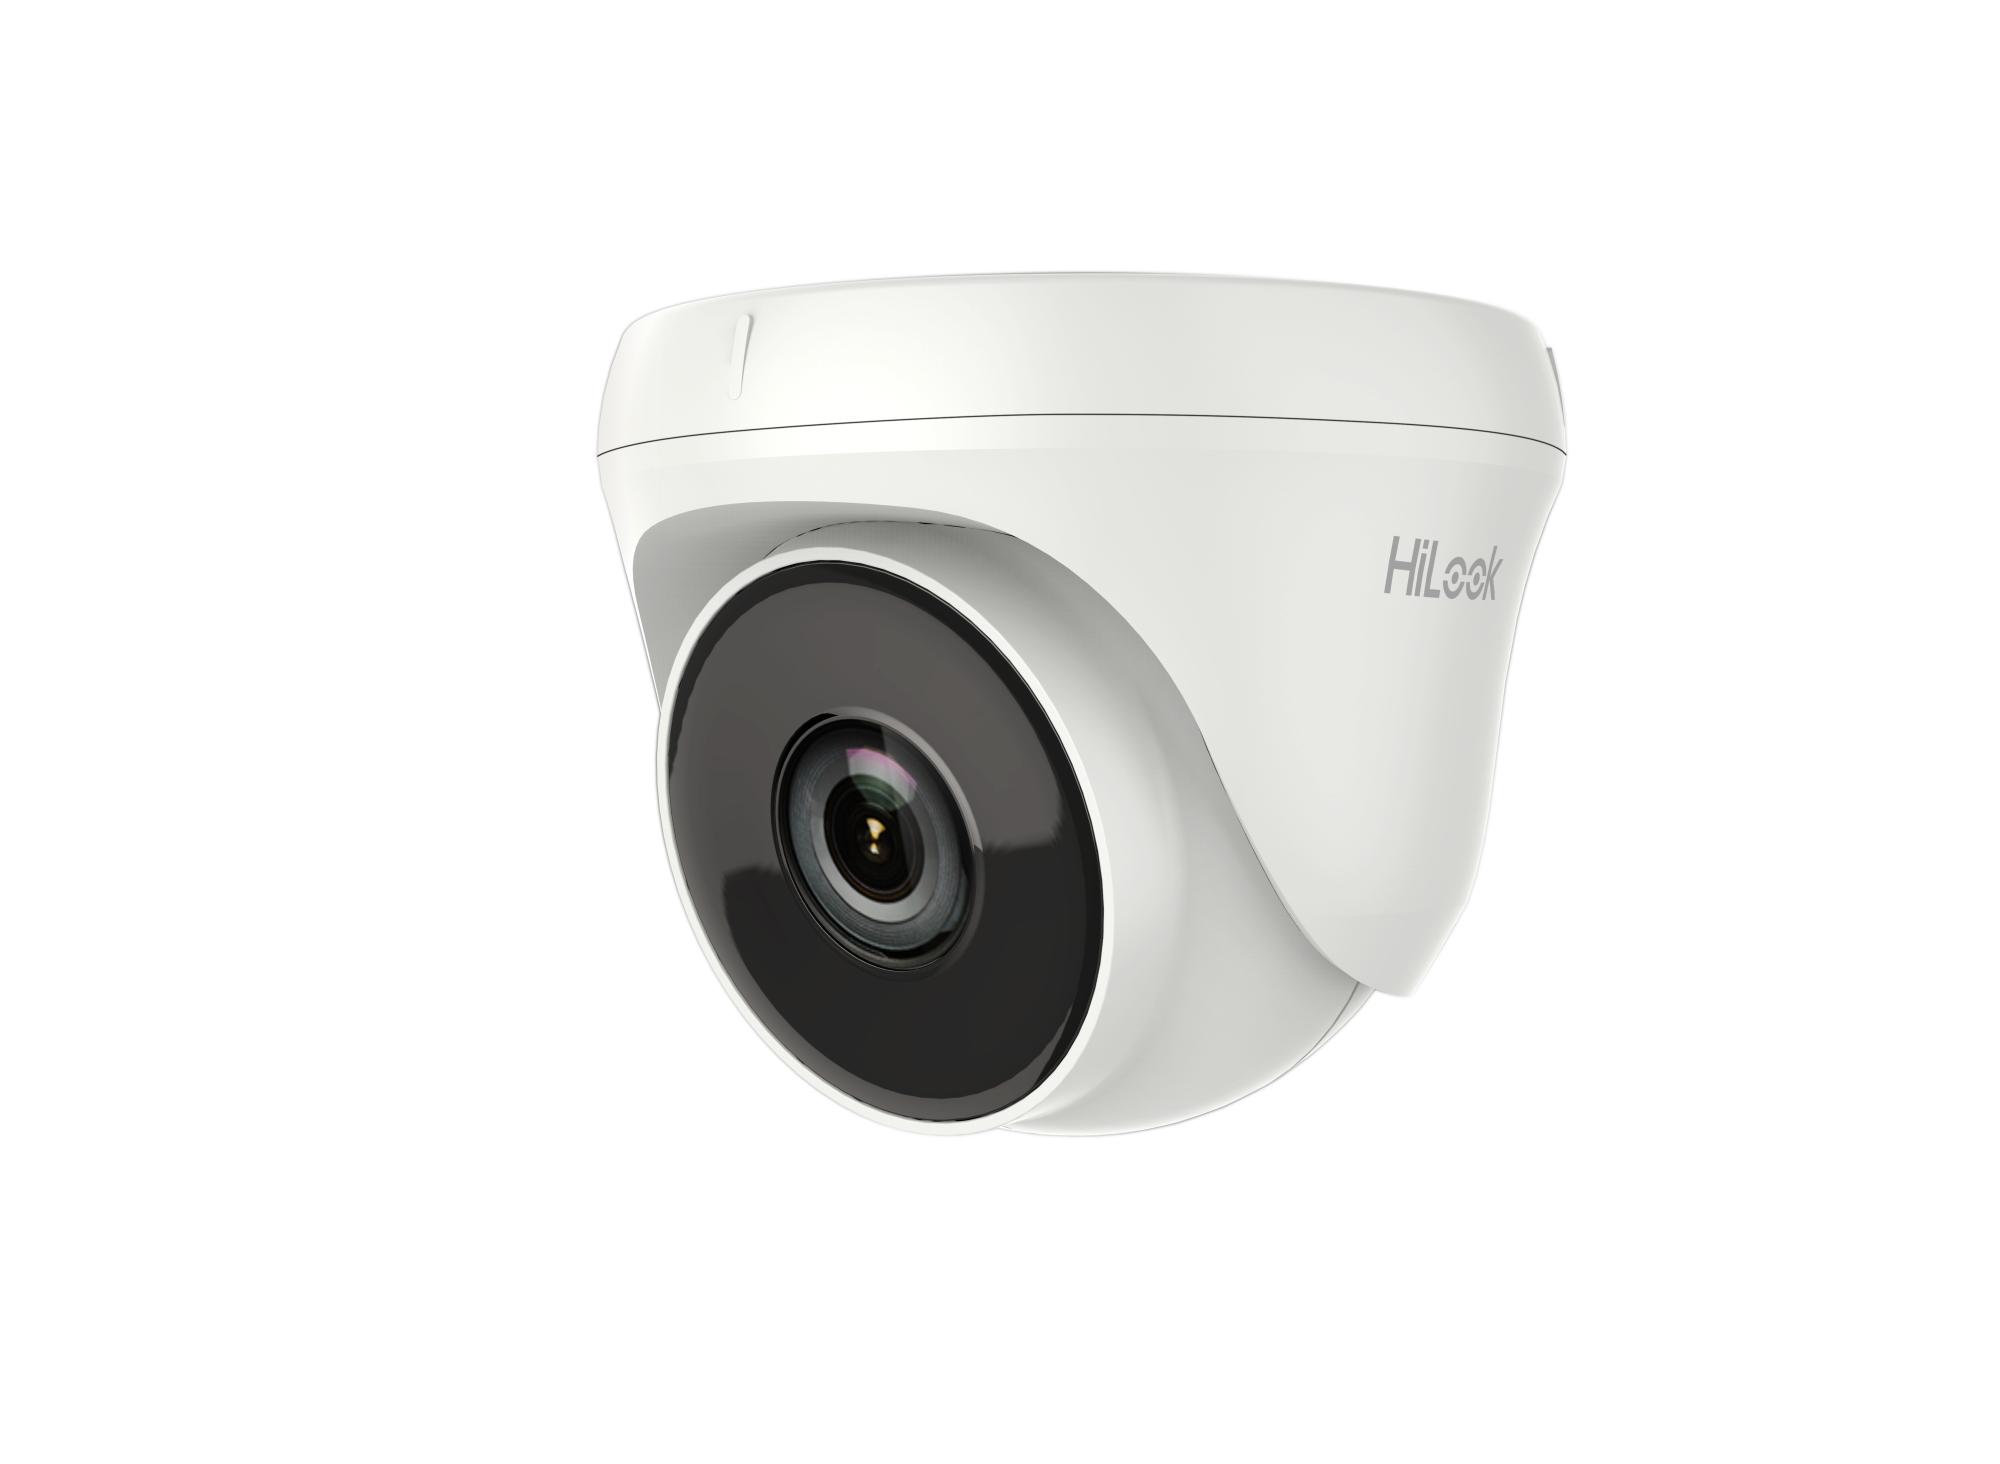 THC-T240-M CCTV SECURITY CAMERA INTERIOR Y EXTERIOR BLANCO 2560 X 1440PIXELES CáMARA DE VIGILANCIA